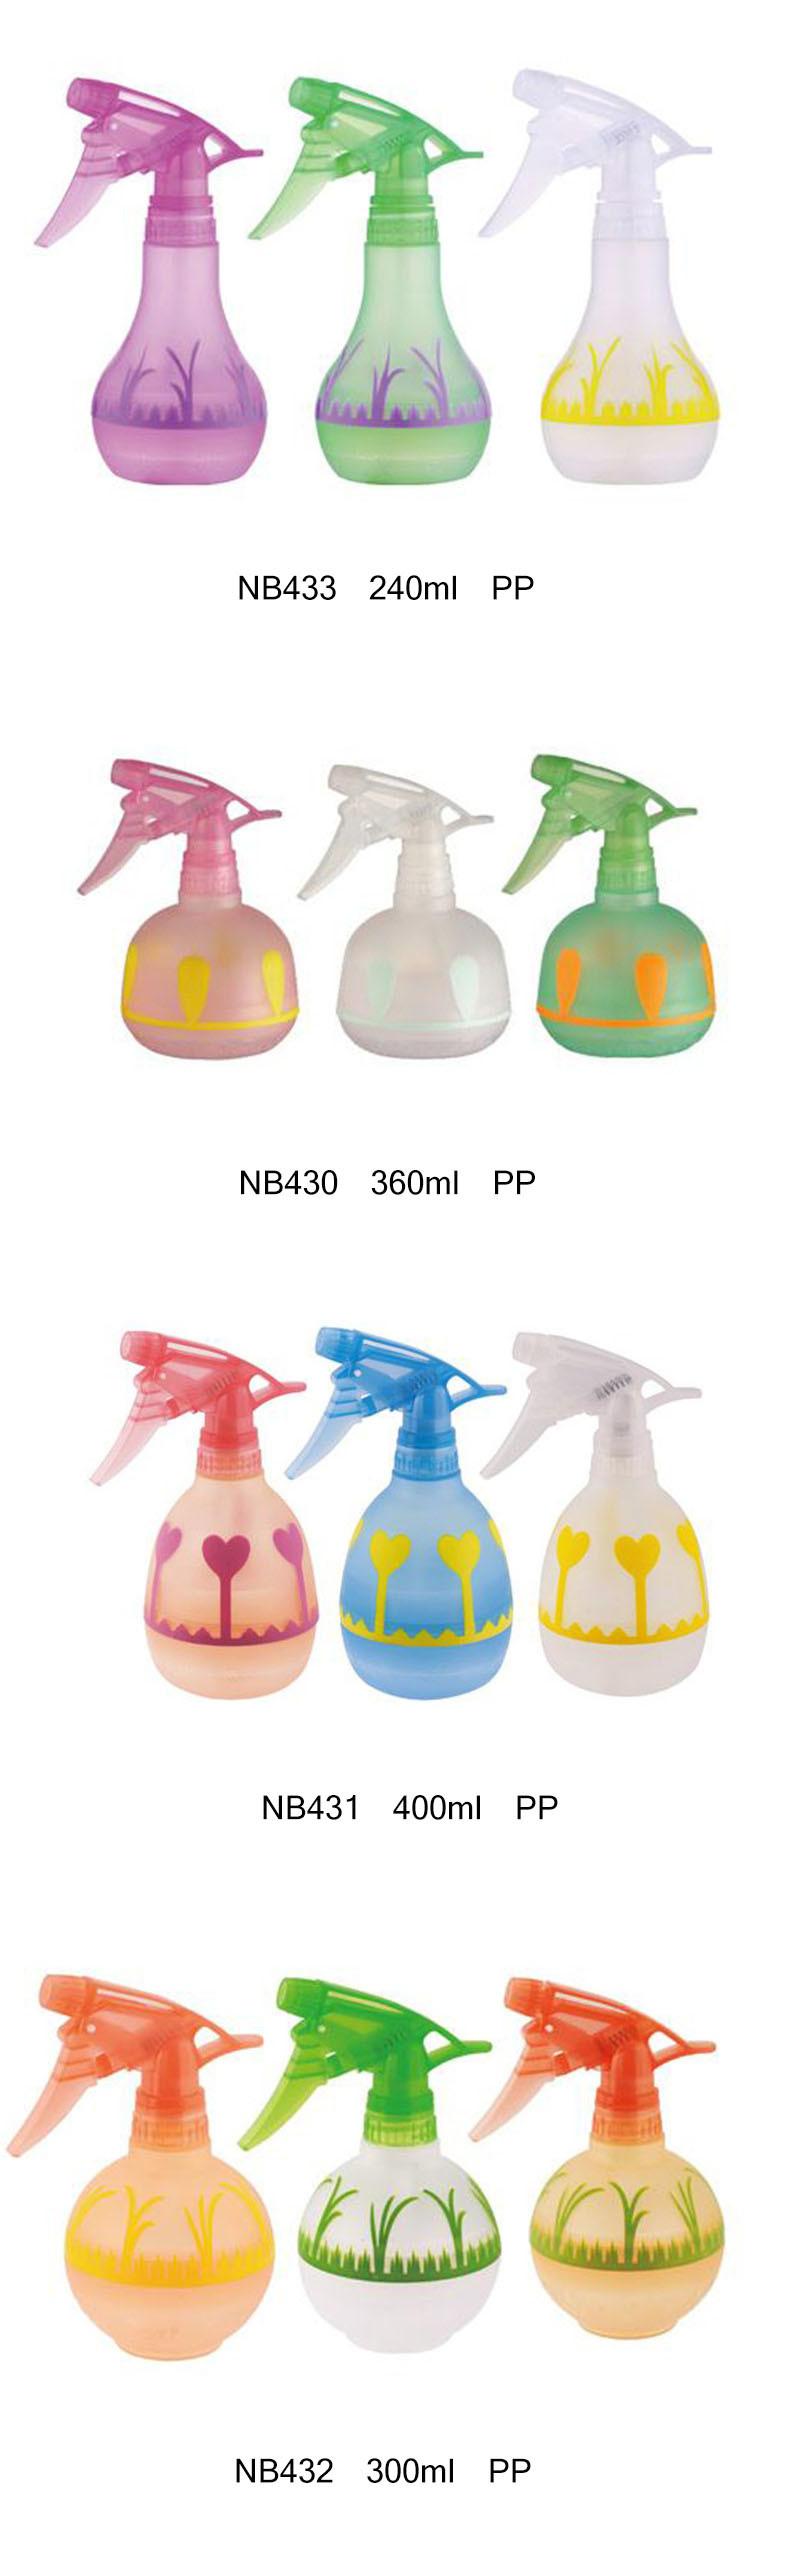 Plastic PP Trigger Sprayer Bottle for Cleaning 360ml (NB430)